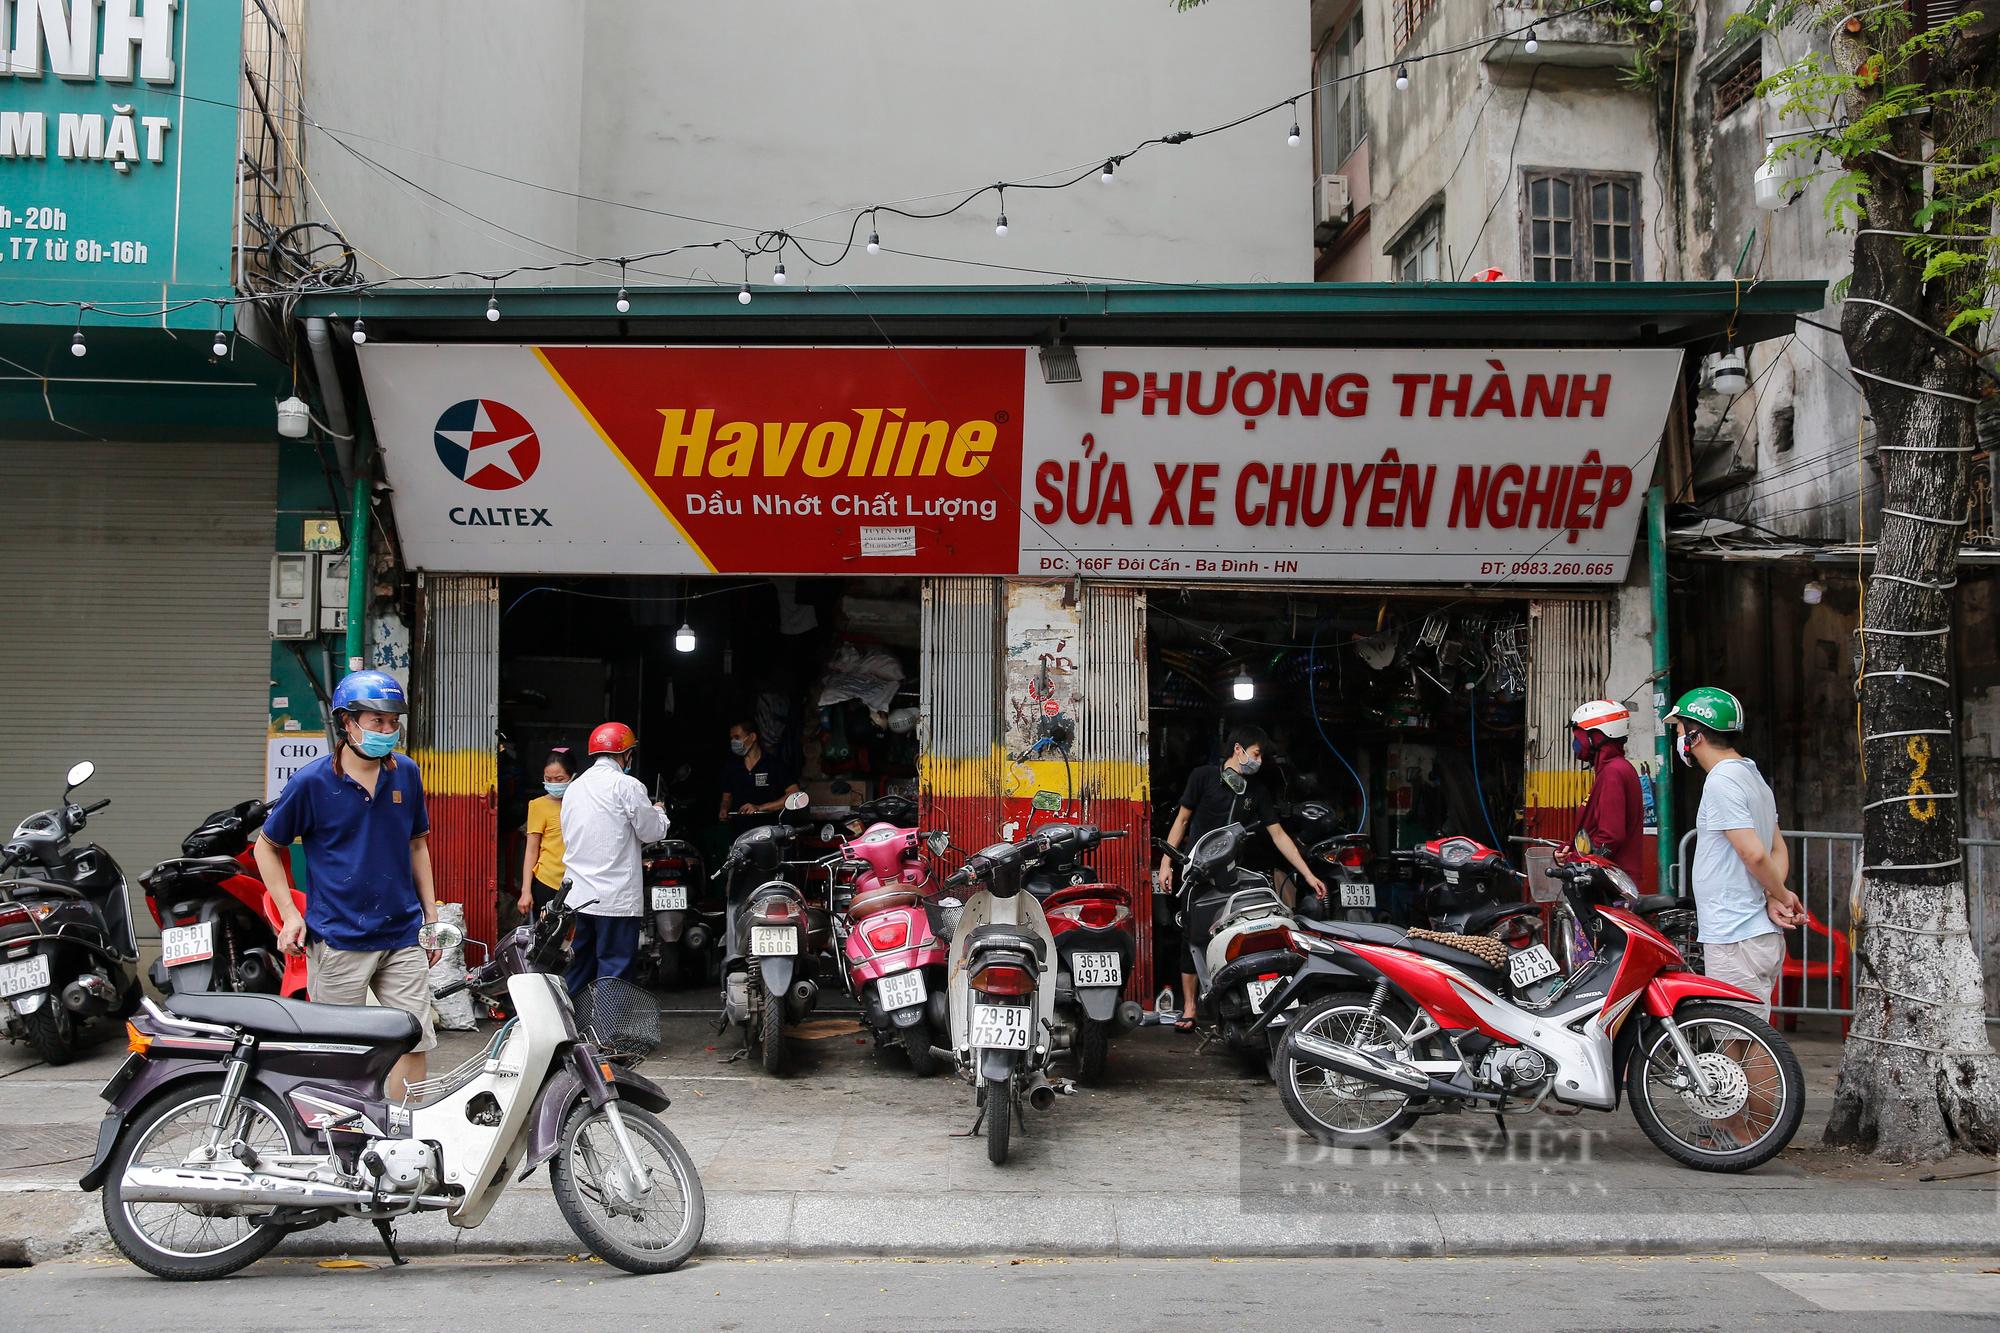 Hà Nội: Mang xe máy đi sửa, khách hàng phải chờ từ sáng đến chiều tối mới có thể nhận được xe - Ảnh 1.